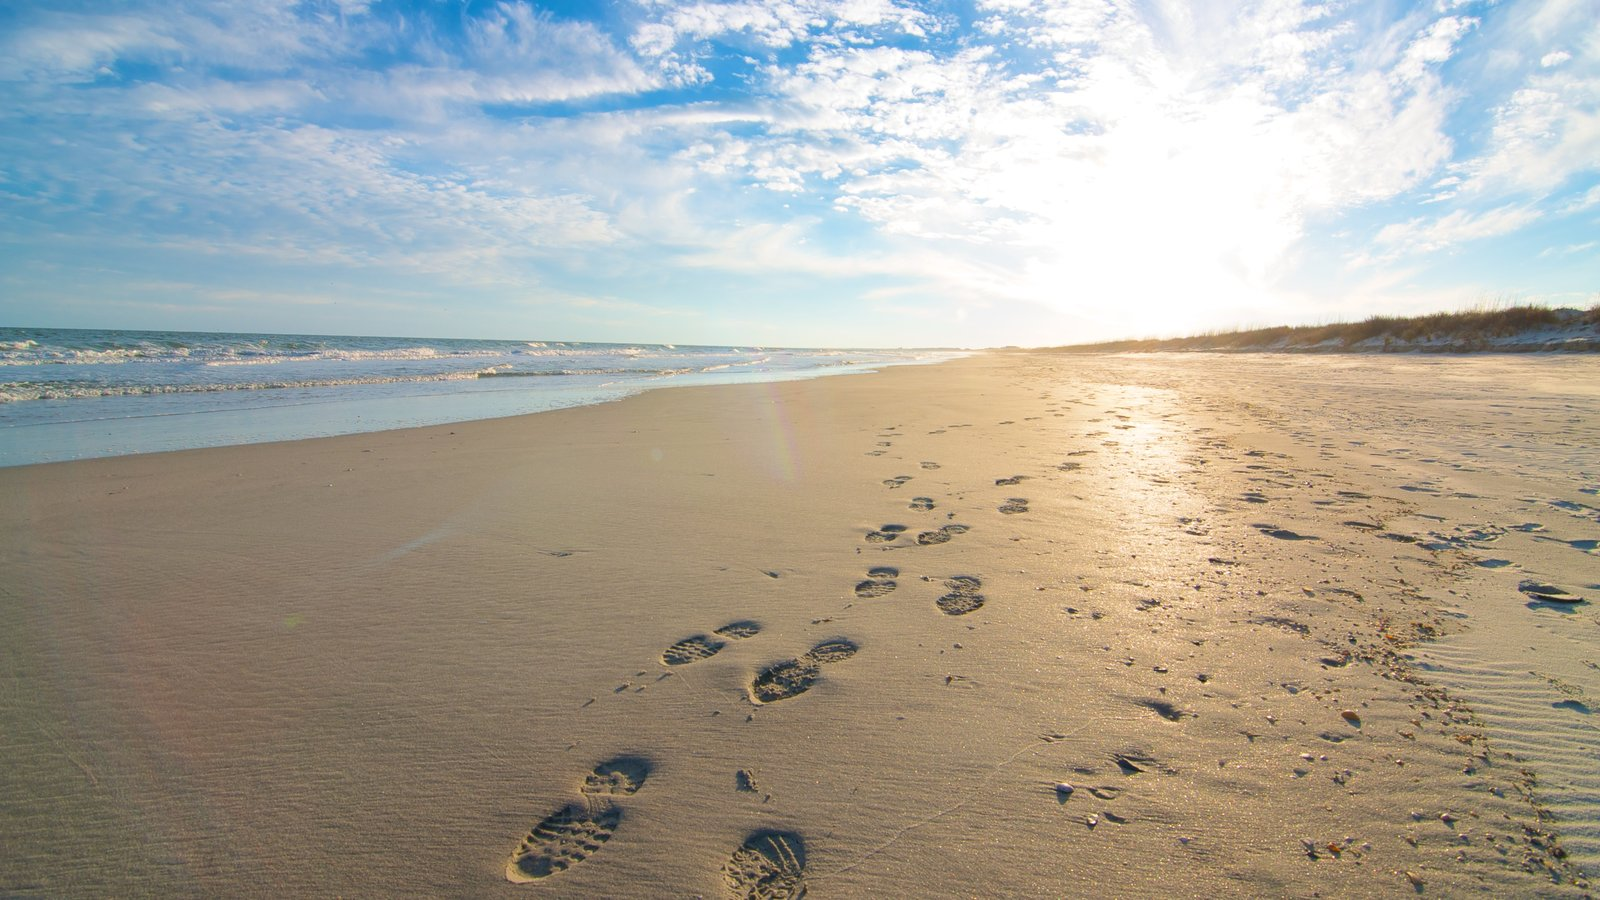 Huntington Beach State Park mostrando um pôr do sol, paisagem e uma praia